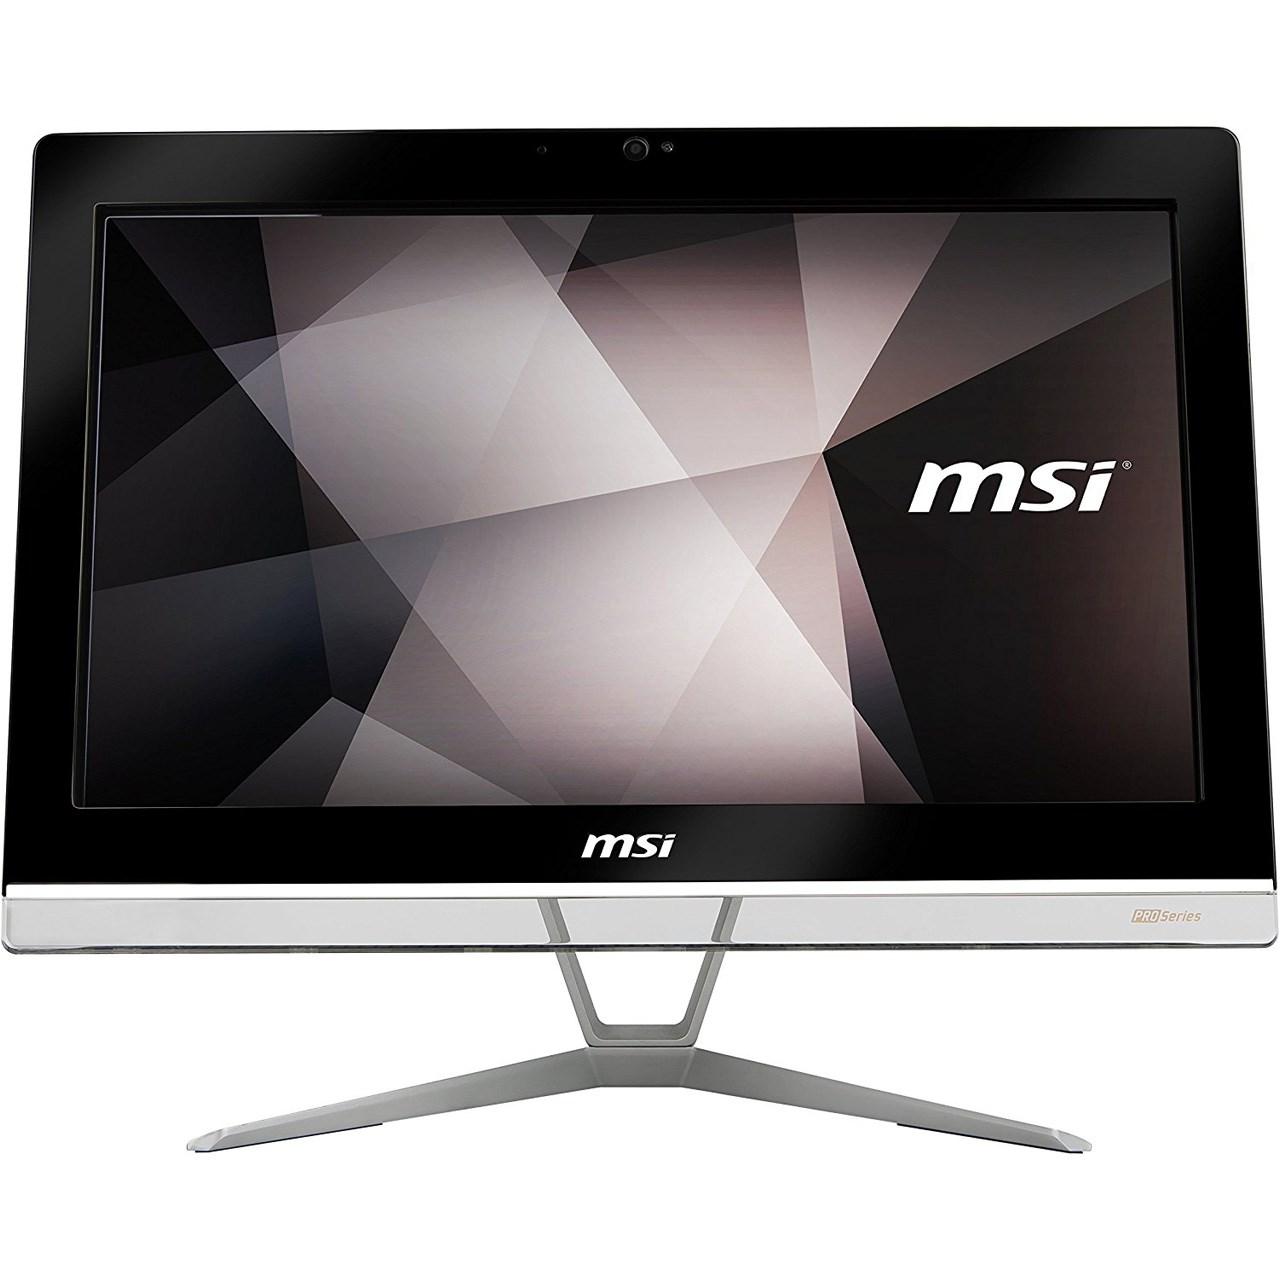 کامپیوتر همه کاره 19.5 اینچی ام اس آی مدل Pro 20 EXT 7M - B